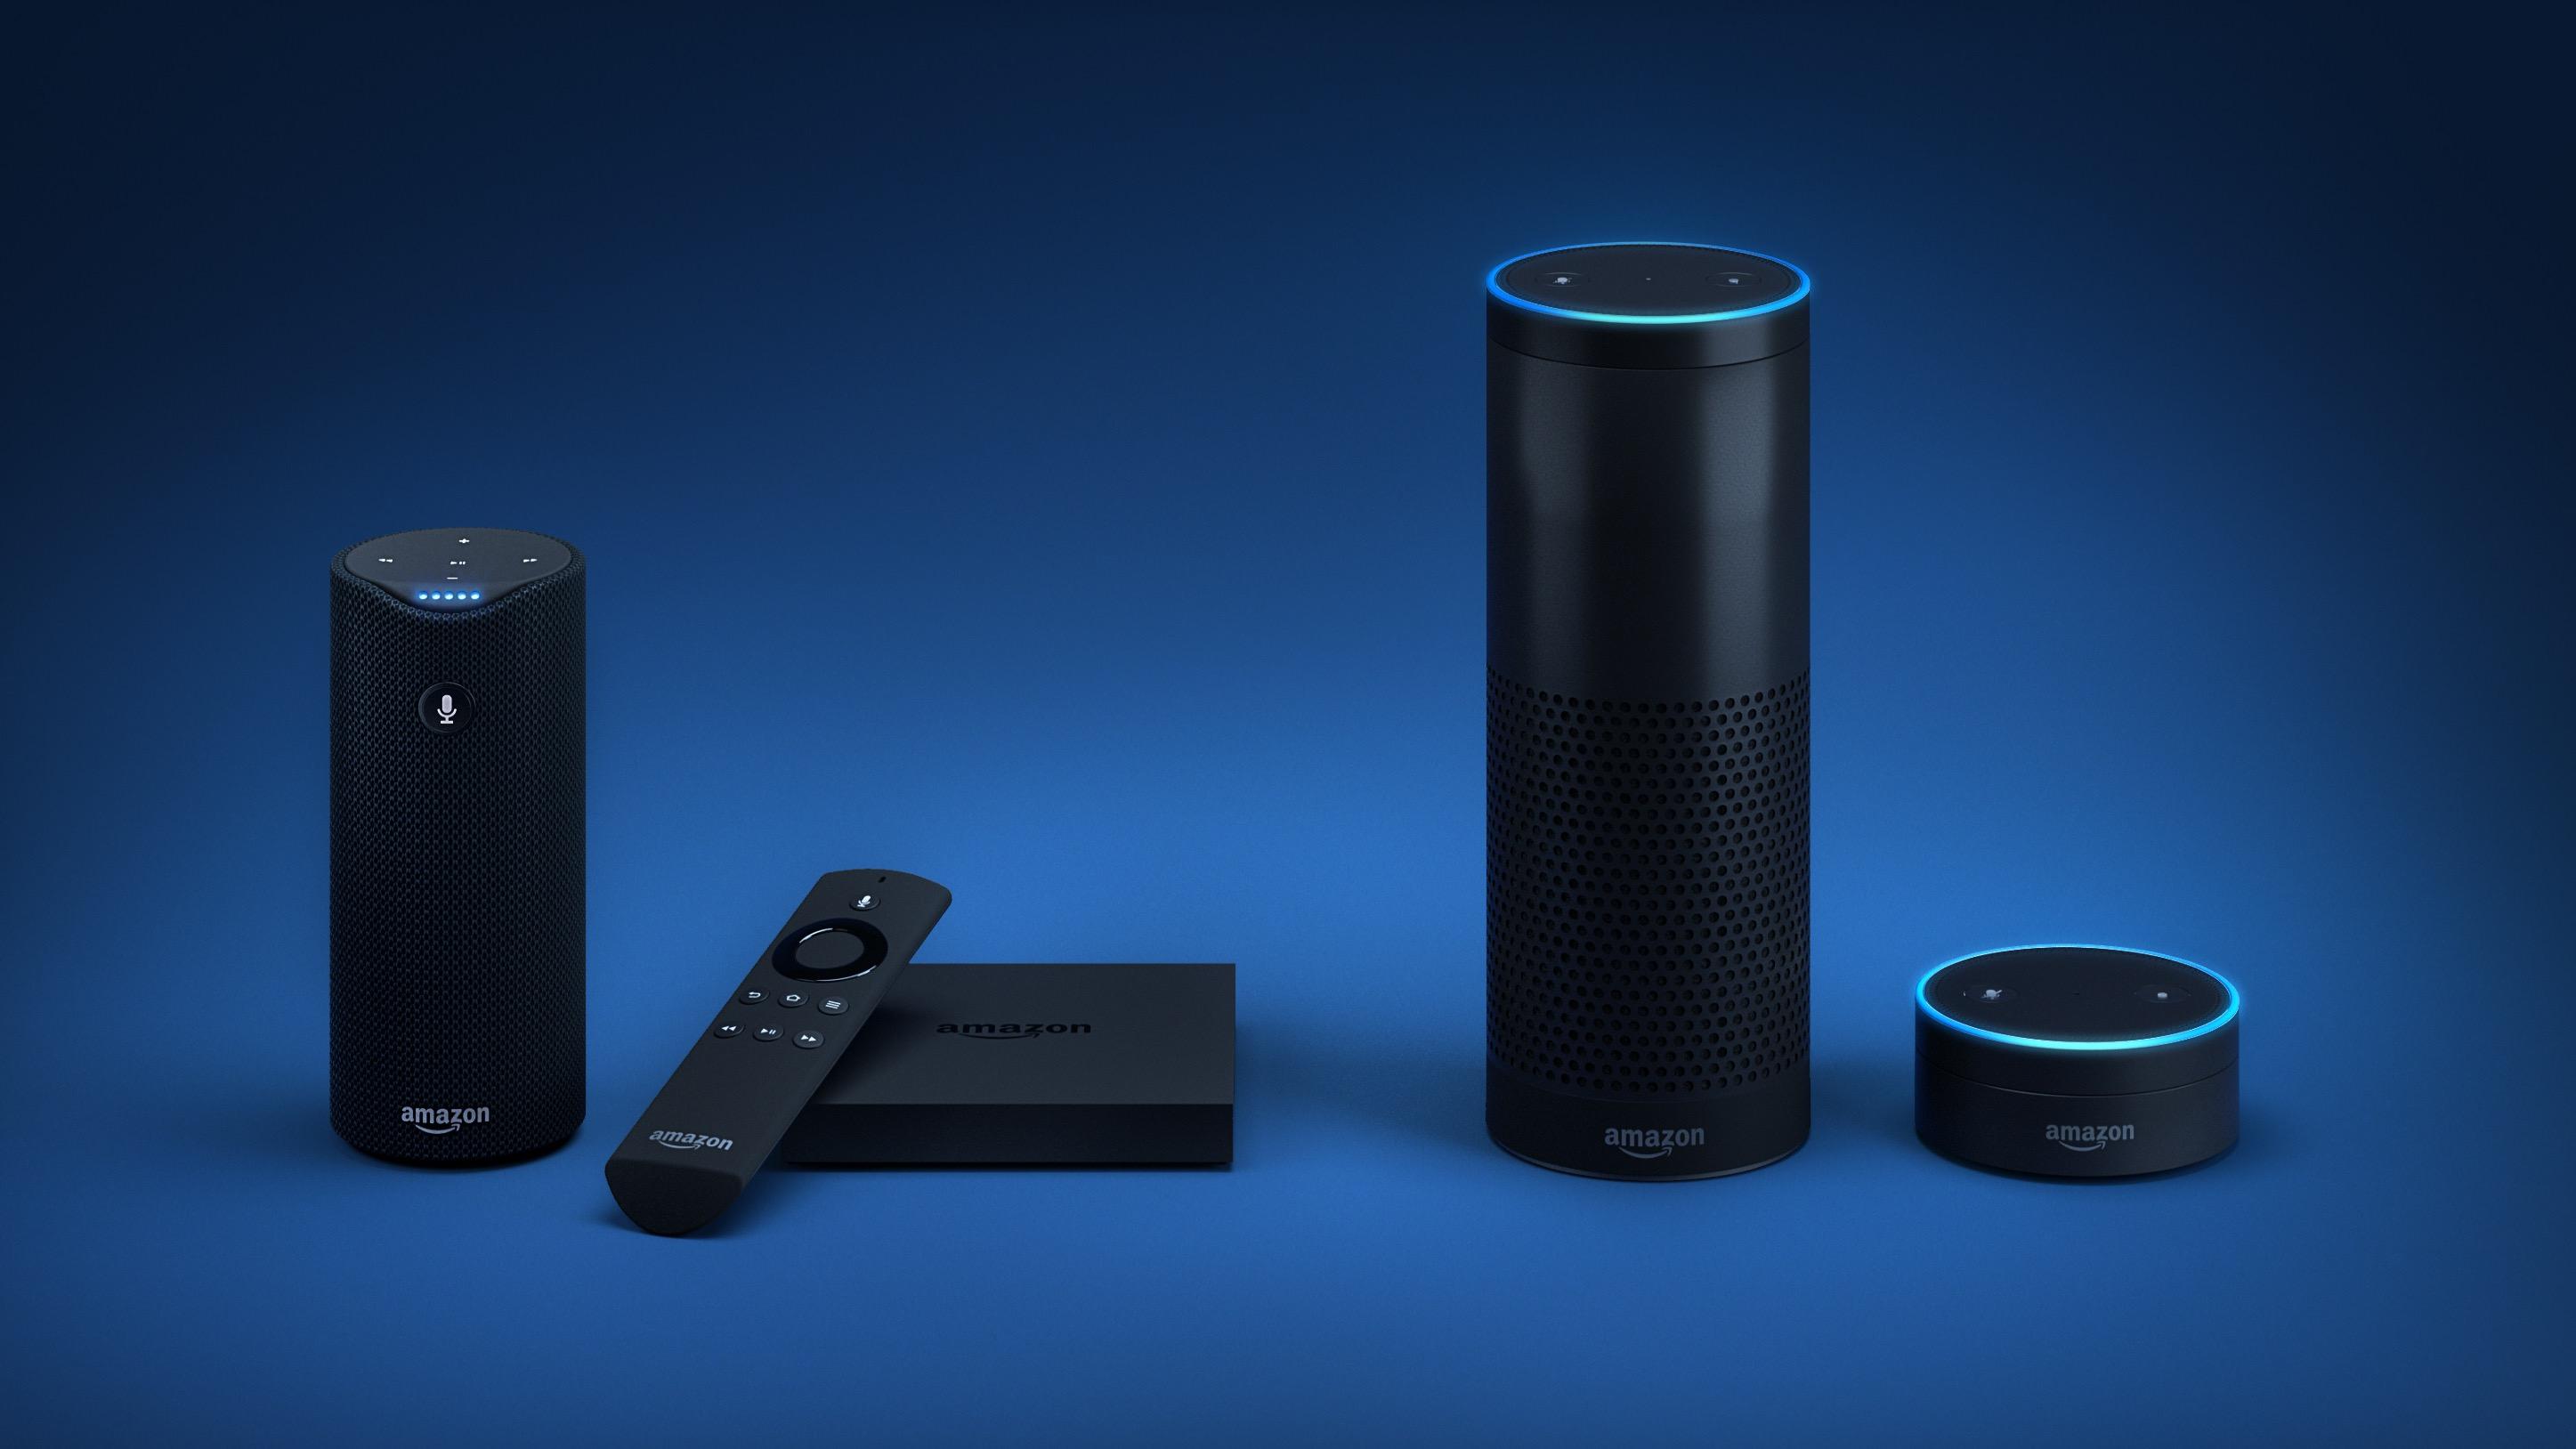 Amazon Echo devices.